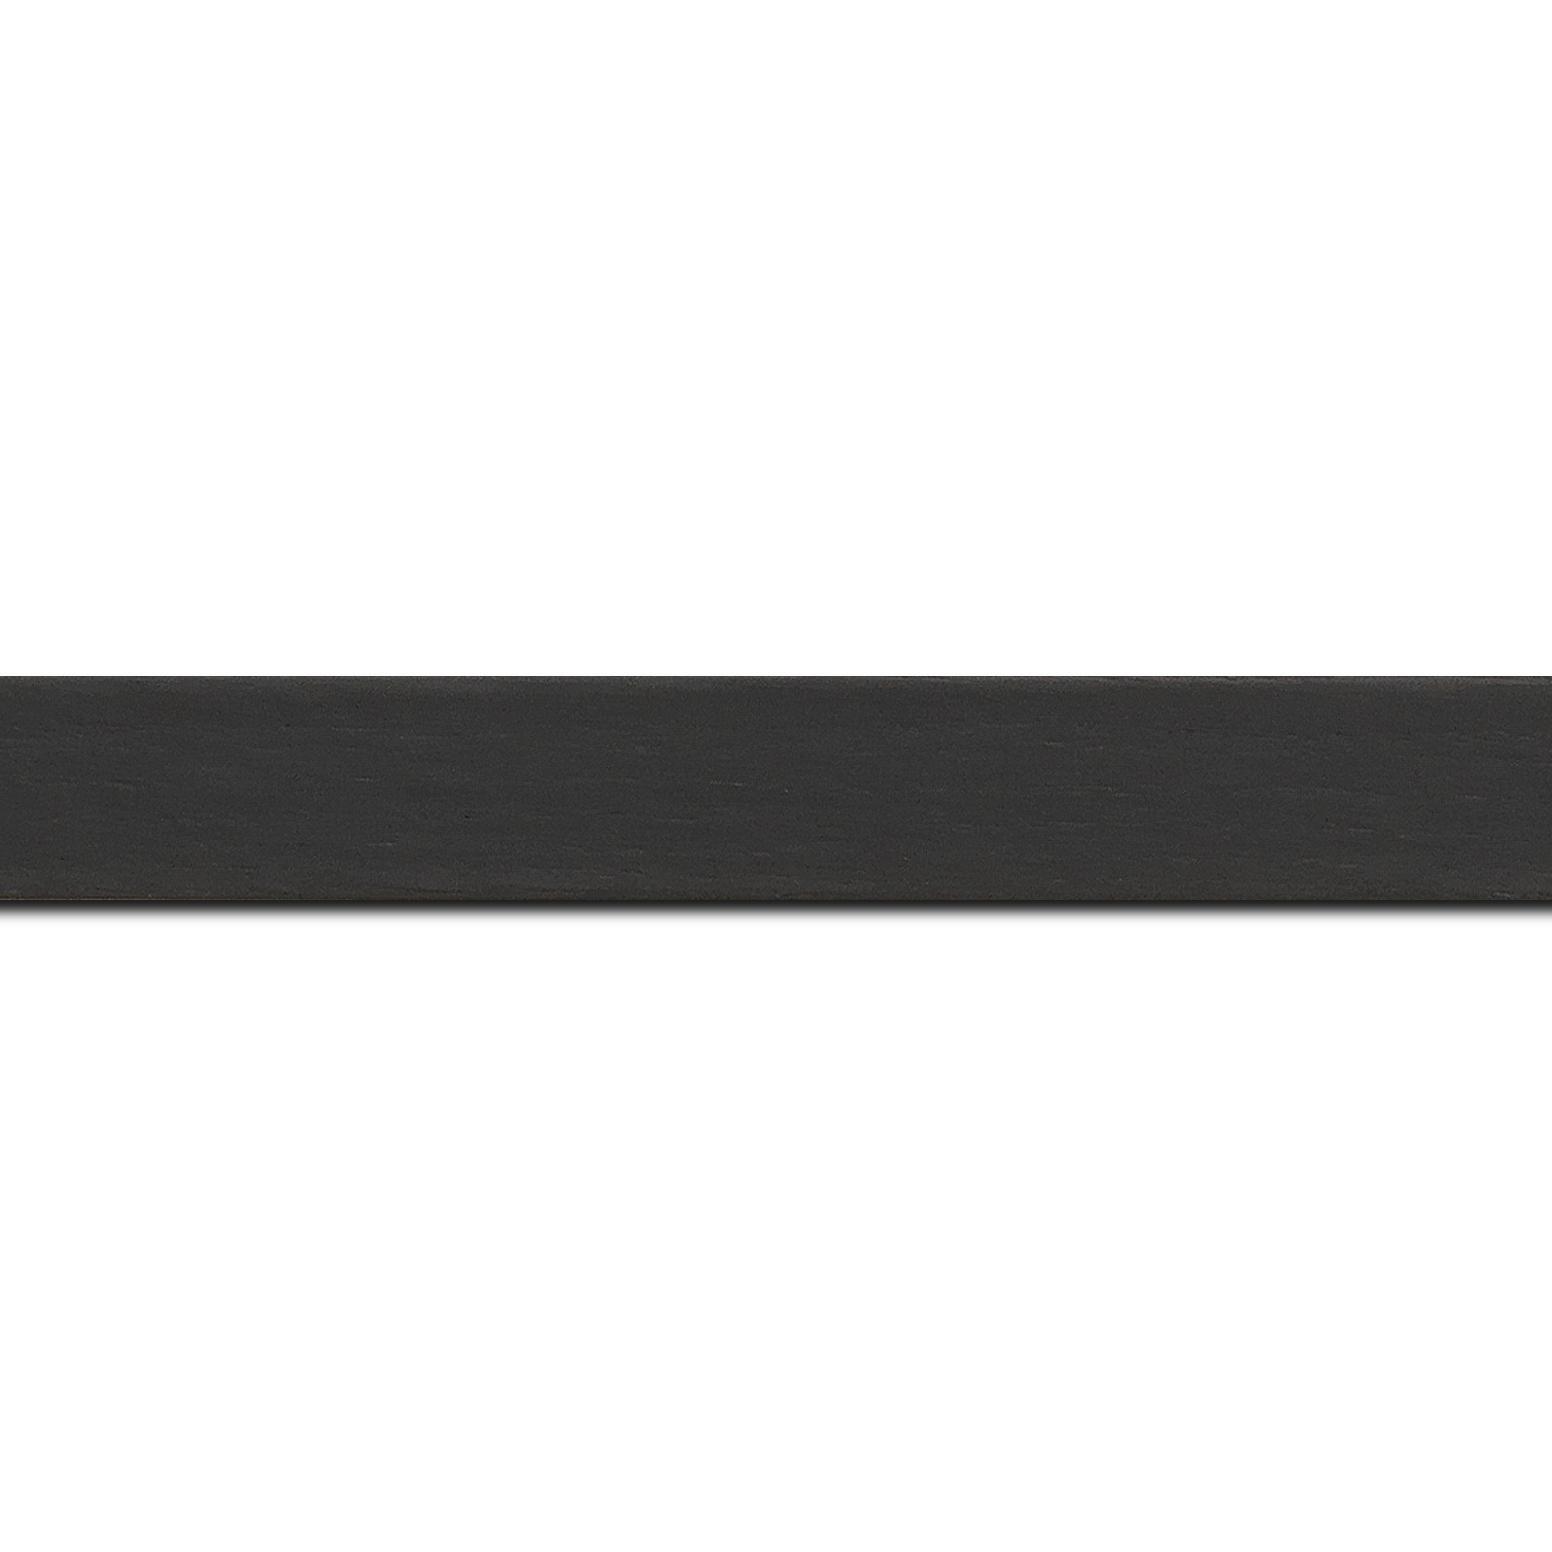 Baguette longueur 1.40m bois profil plat largeur 2.5cm plaquage haut de gamme chêne teinté noir